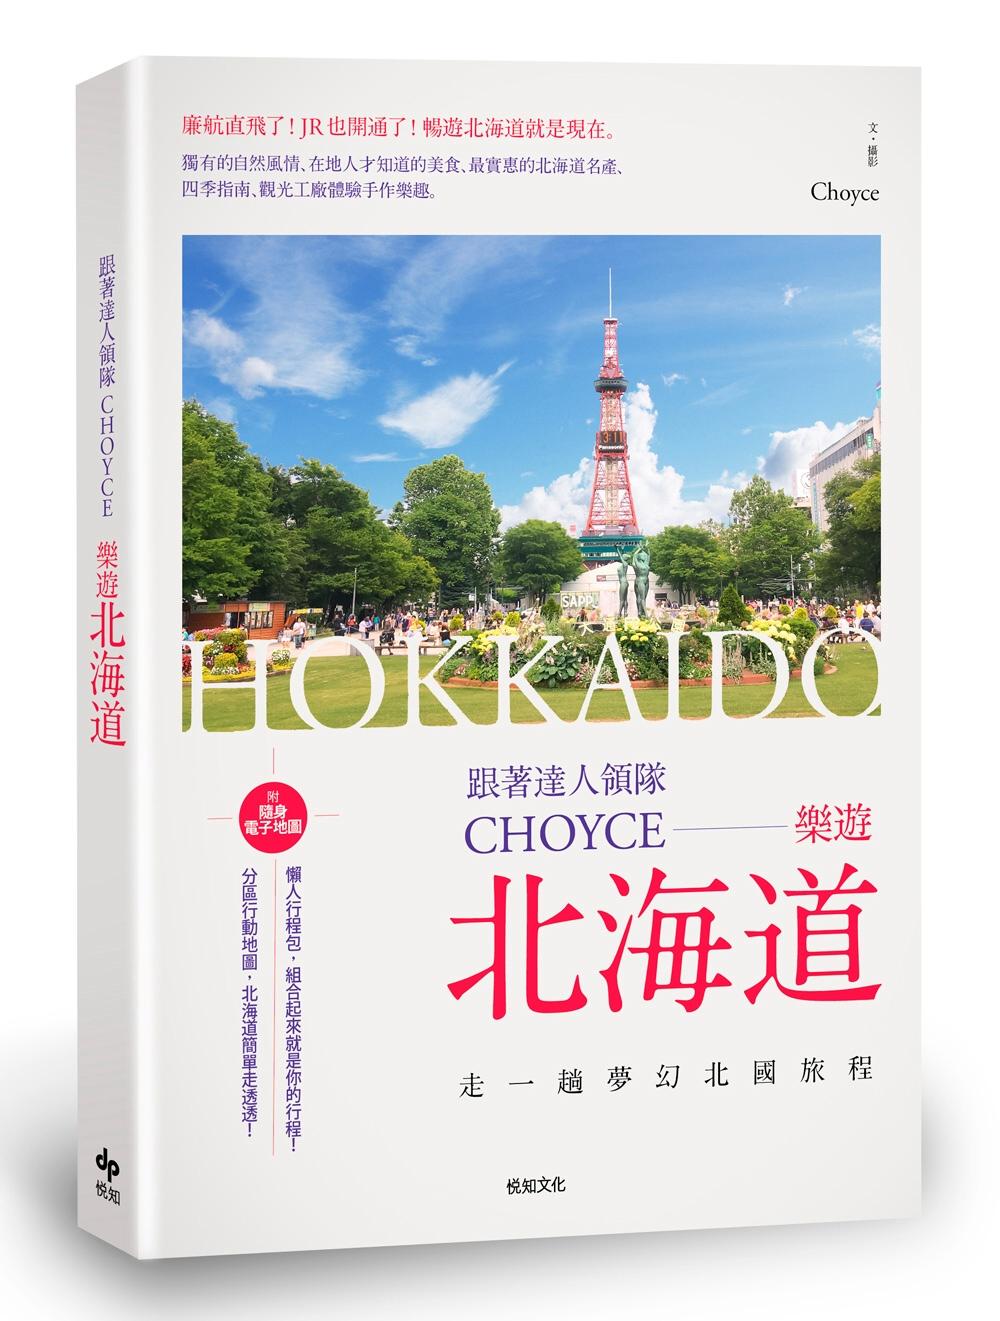 跟著達人領隊Choyce 樂遊北海道:走一趟夢幻北國旅程